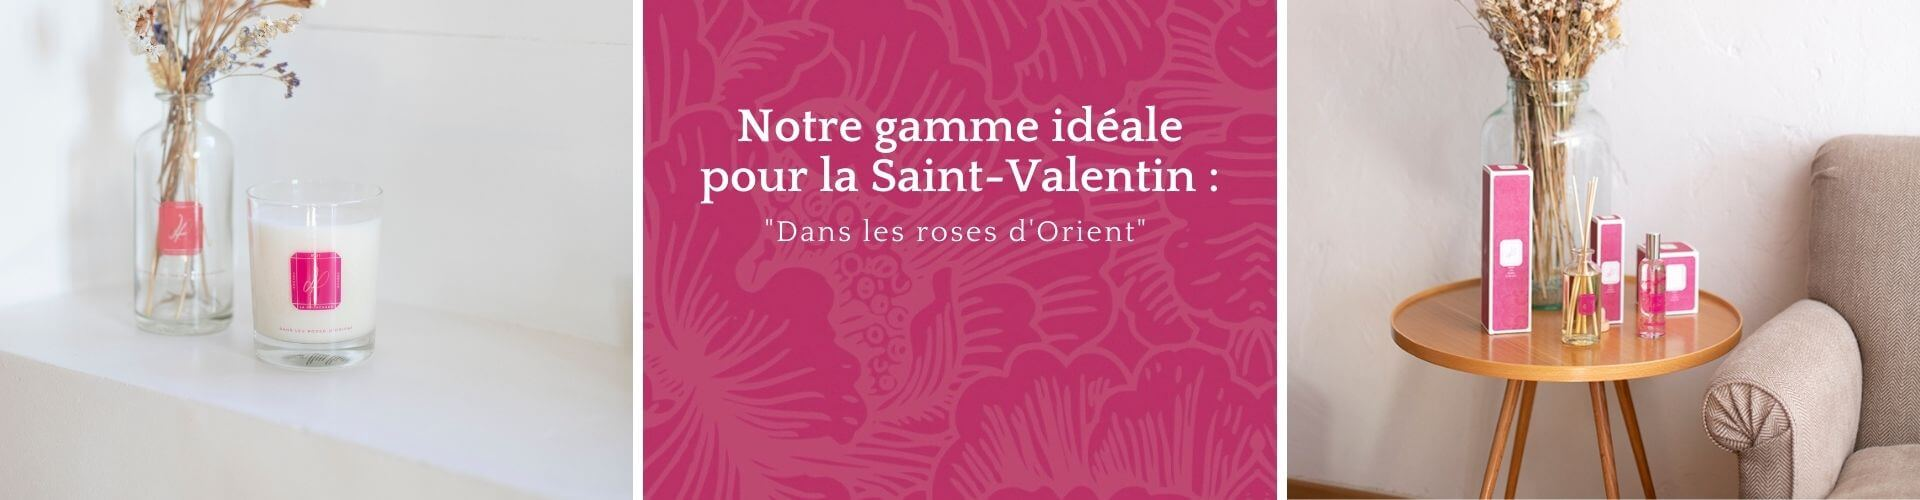 Gamme de senteurs à la Rose d'orient idéal pour la Saint Valentin